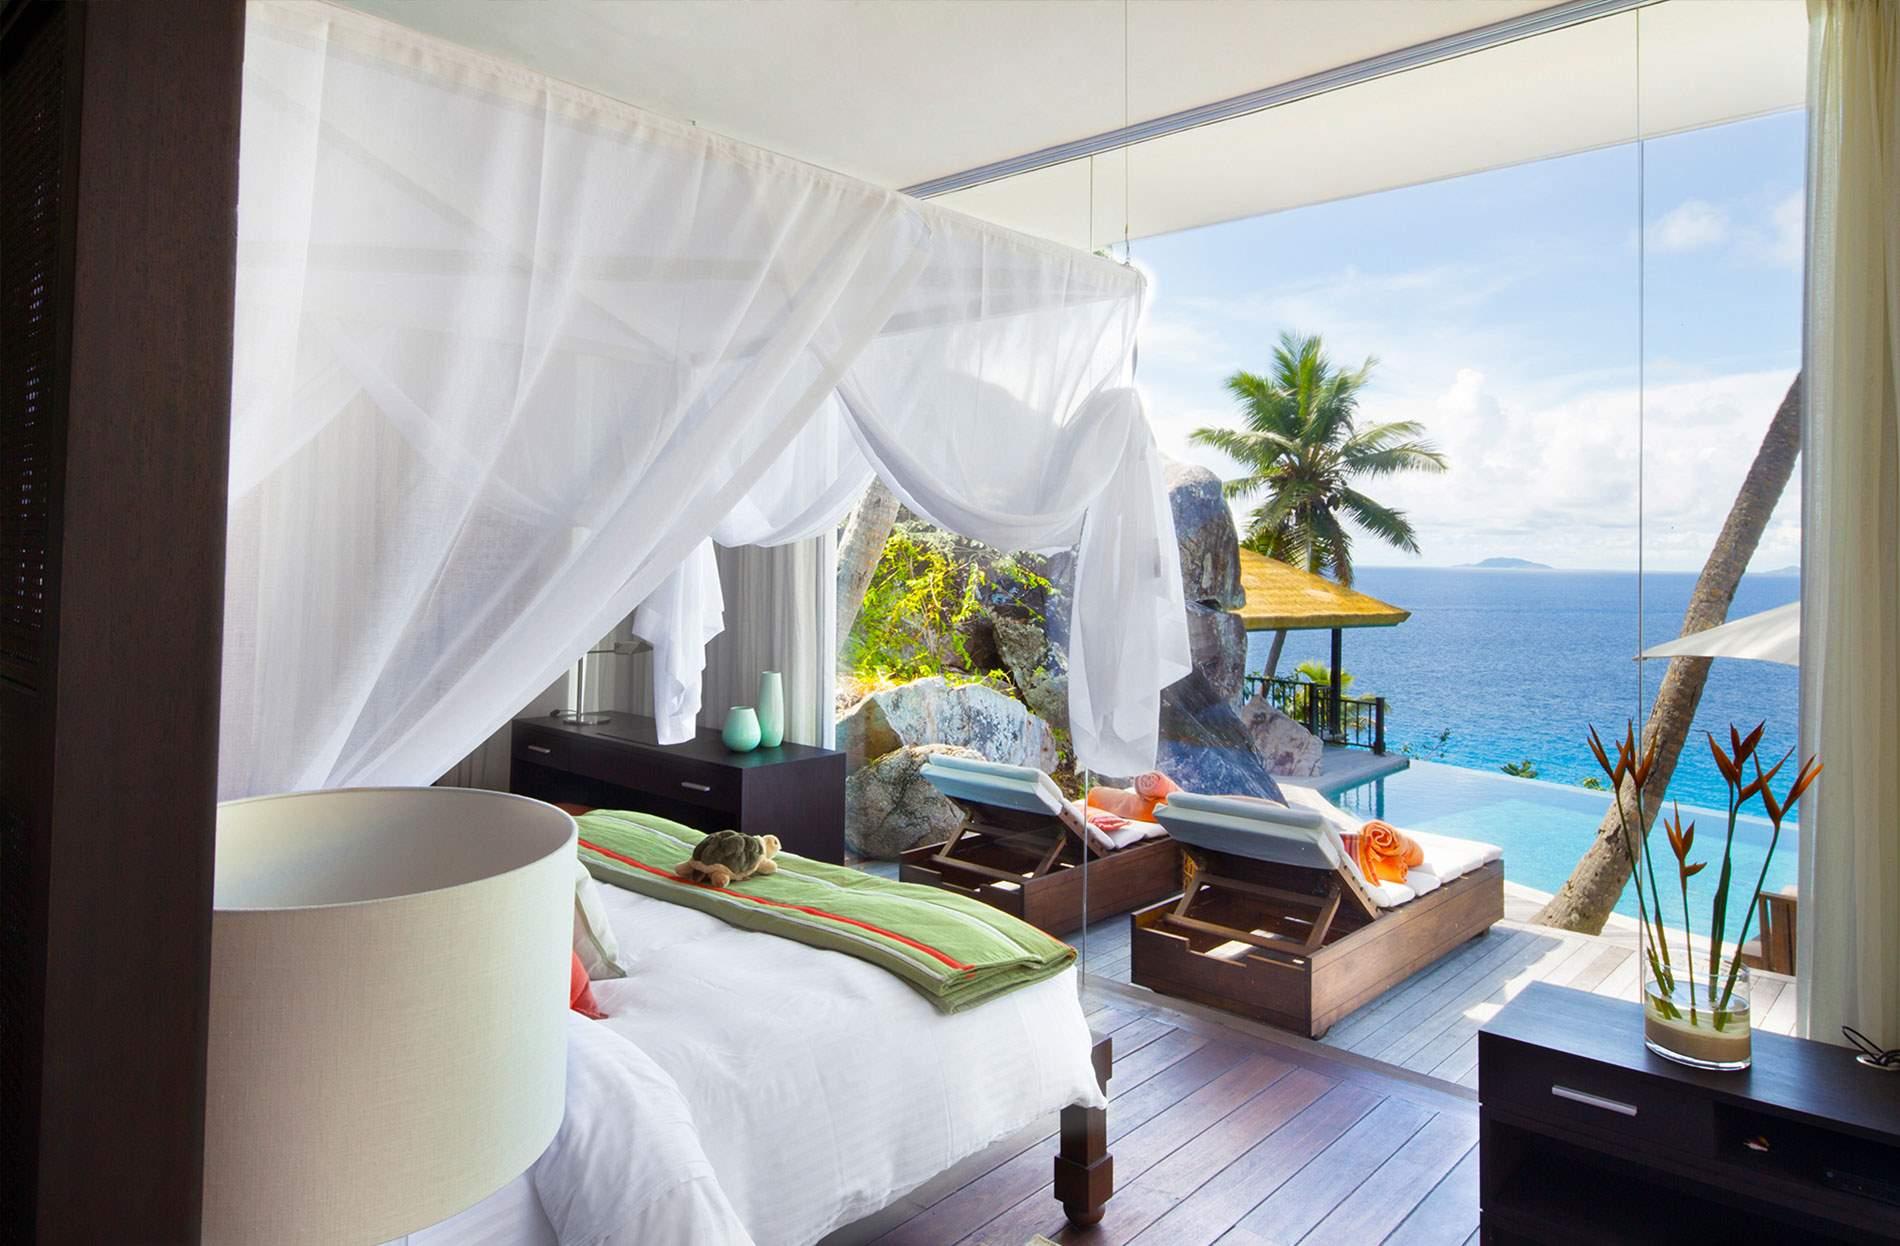 fregate island villa spa-villa 8 . La villa perfecta